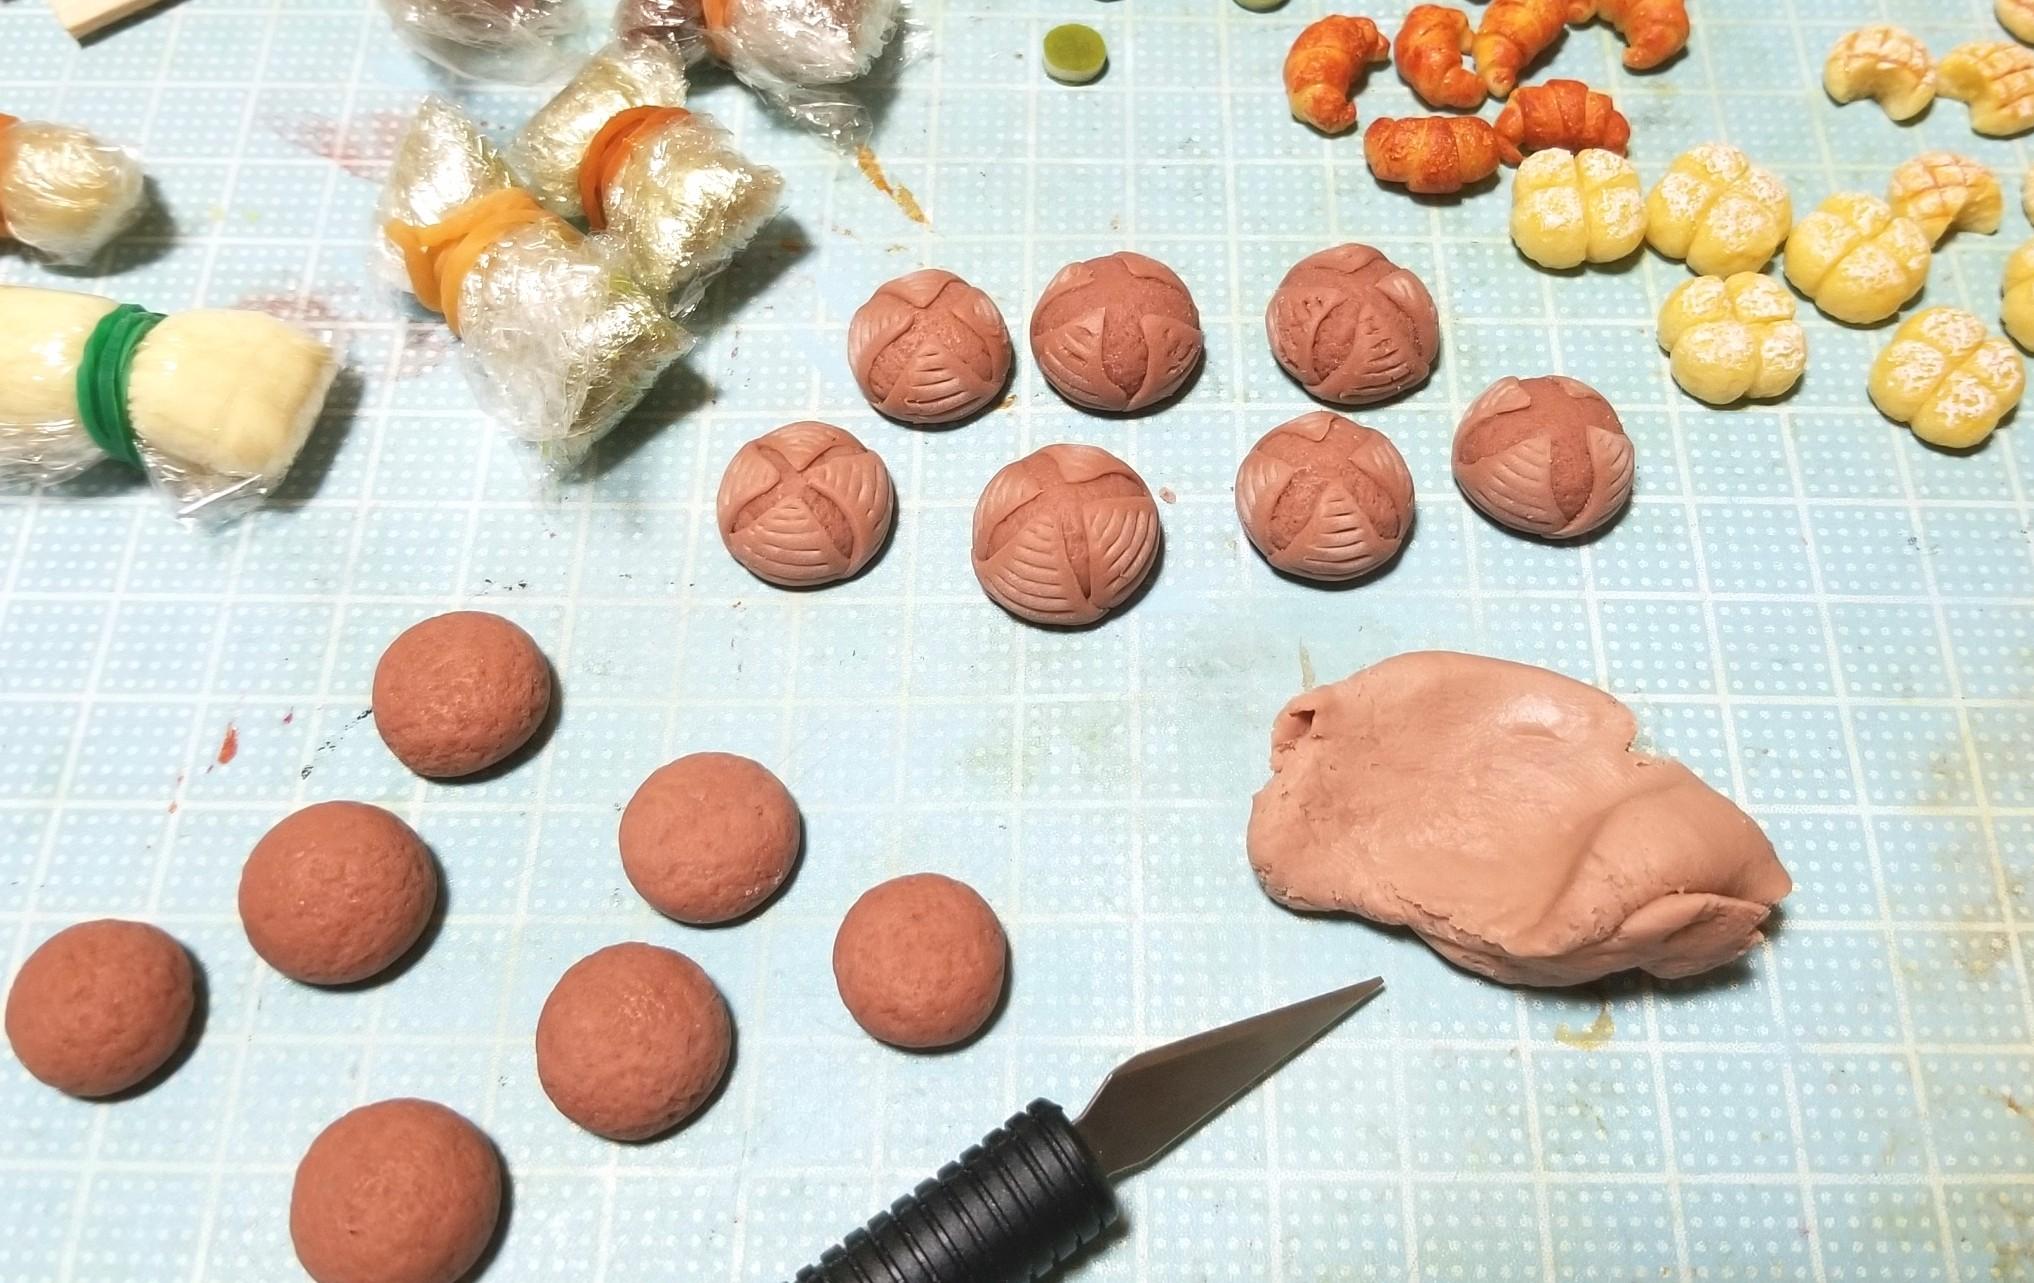 ミニチュアフード,カンパーニュ,作り方,樹脂粘土,食品サンプル